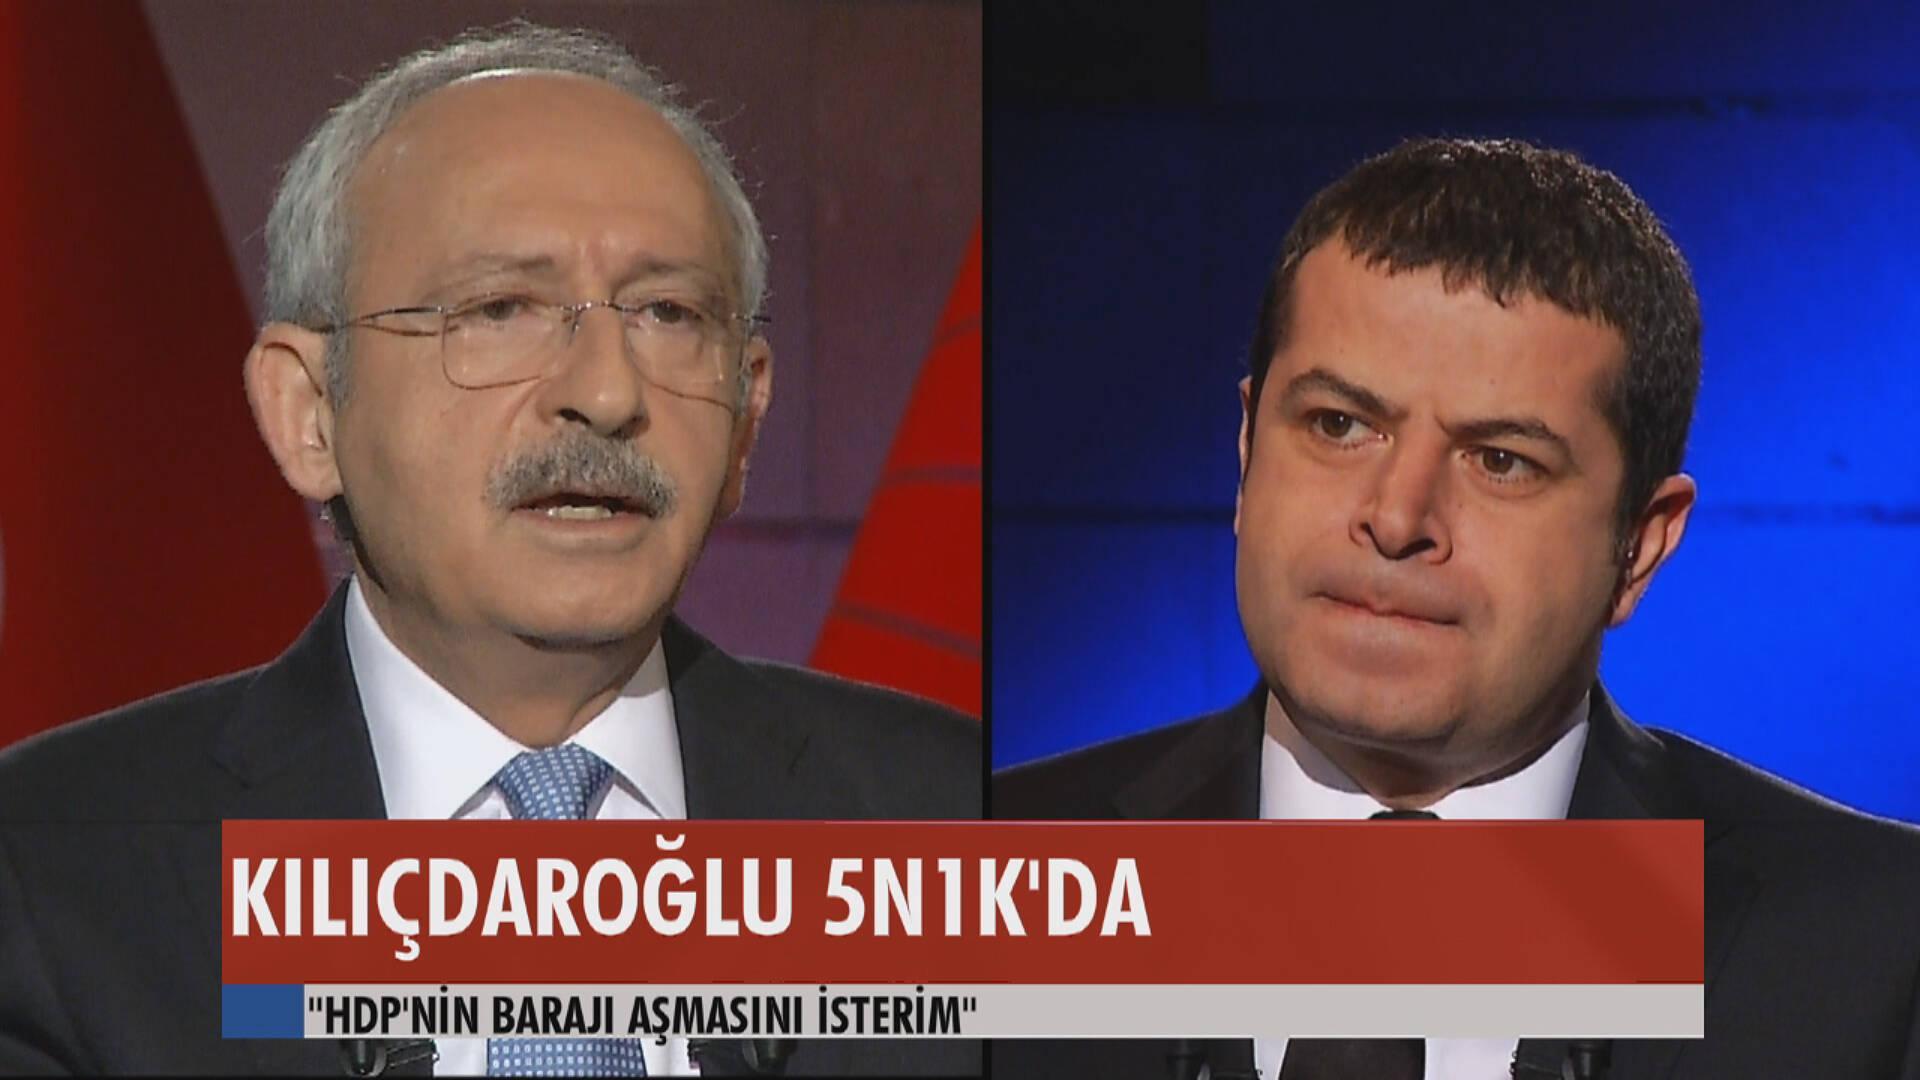 HDP'nin Seçim Barajı'nı geçmesini isterim!